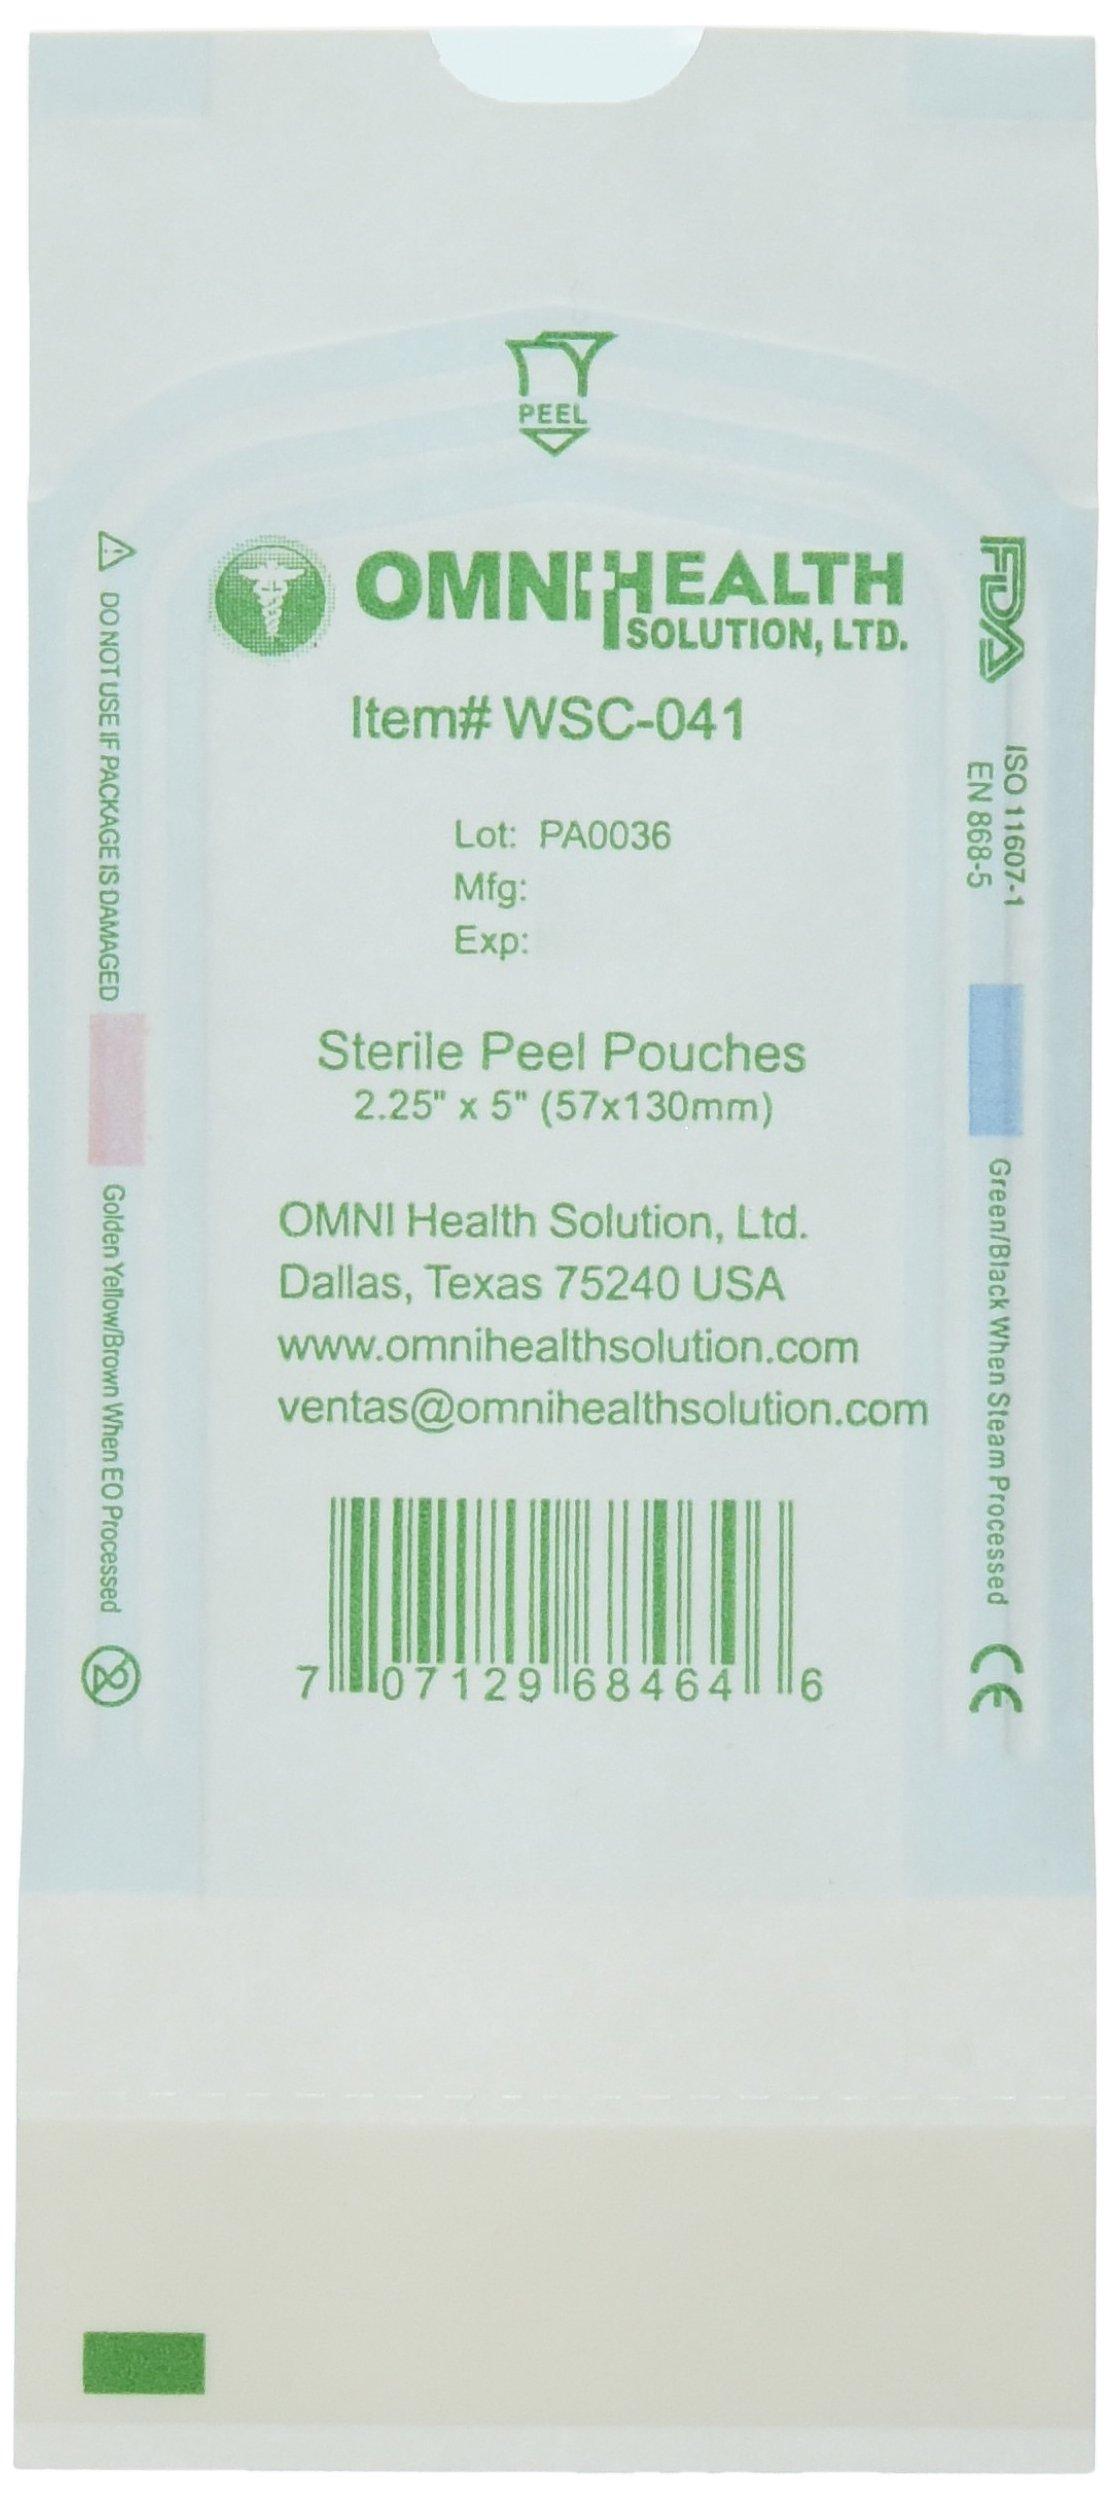 Omnihealth Self Seal Sterilization Pouches, 2.25'' H, 200 Piece